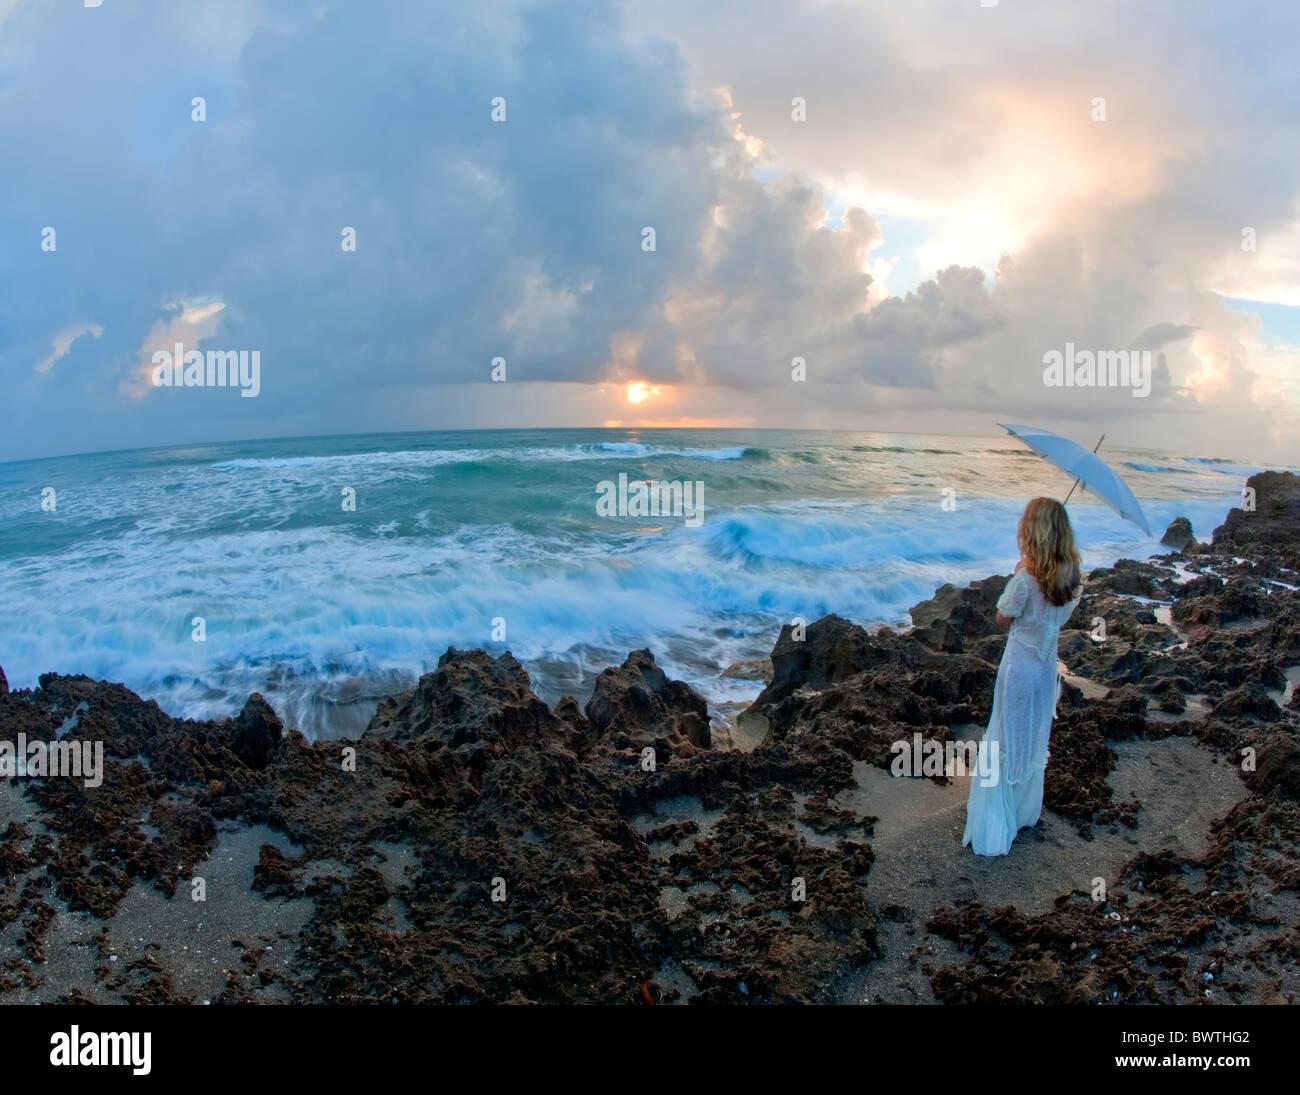 Giovane donna ombrello tenuta in piedi su rocce vicino oceano Immagini Stock